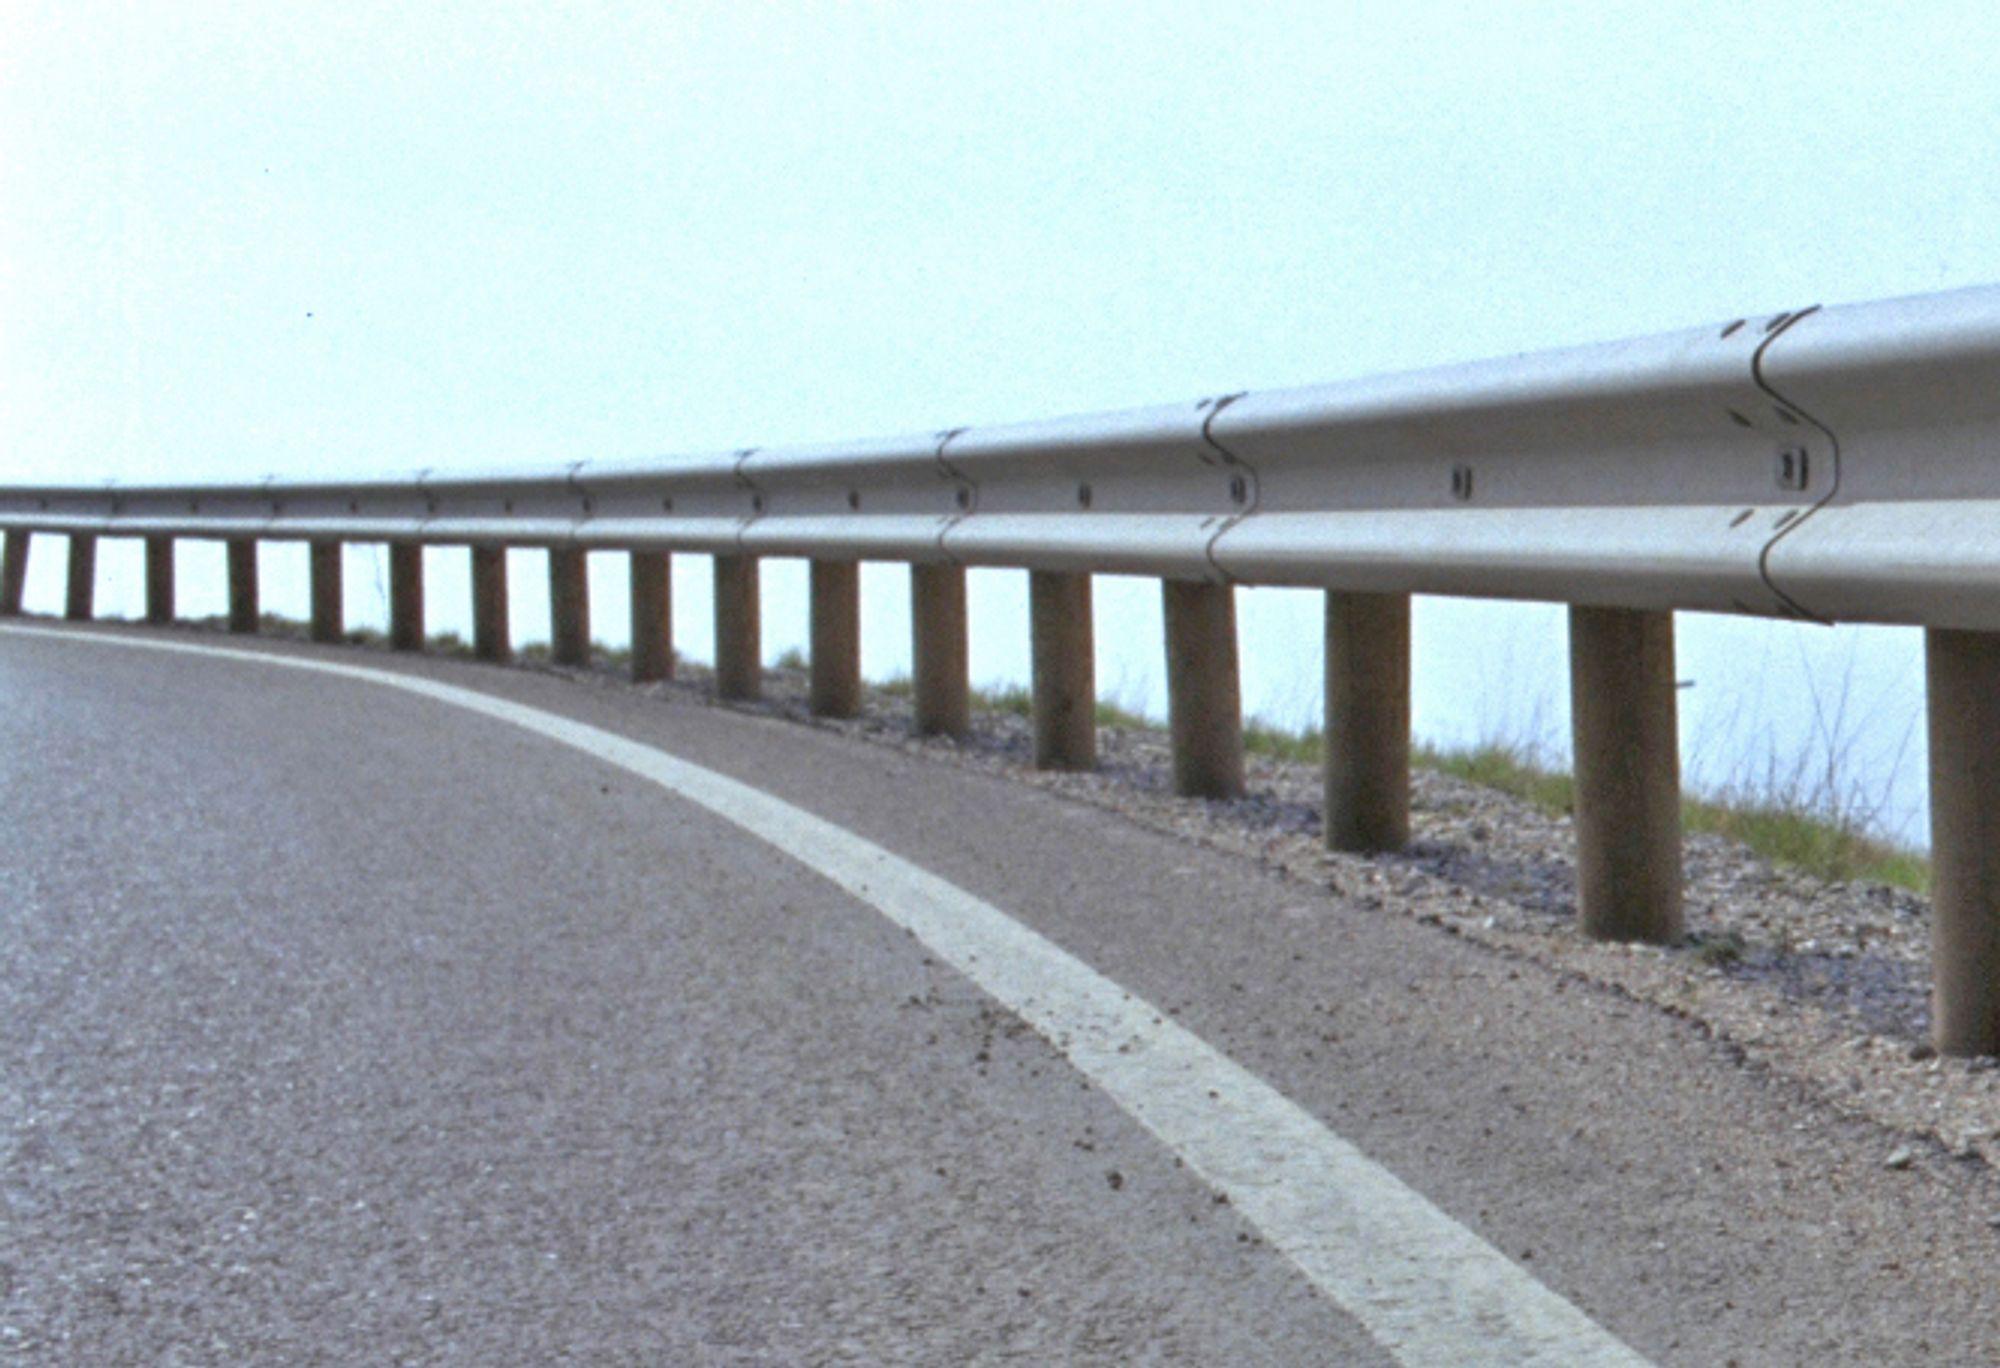 20 km av vegene i 11 kommuner i Hordaland skal få nytt rekkverk. Arvid Gjerde leder konkurransen om levering og montering av rekkverkene.